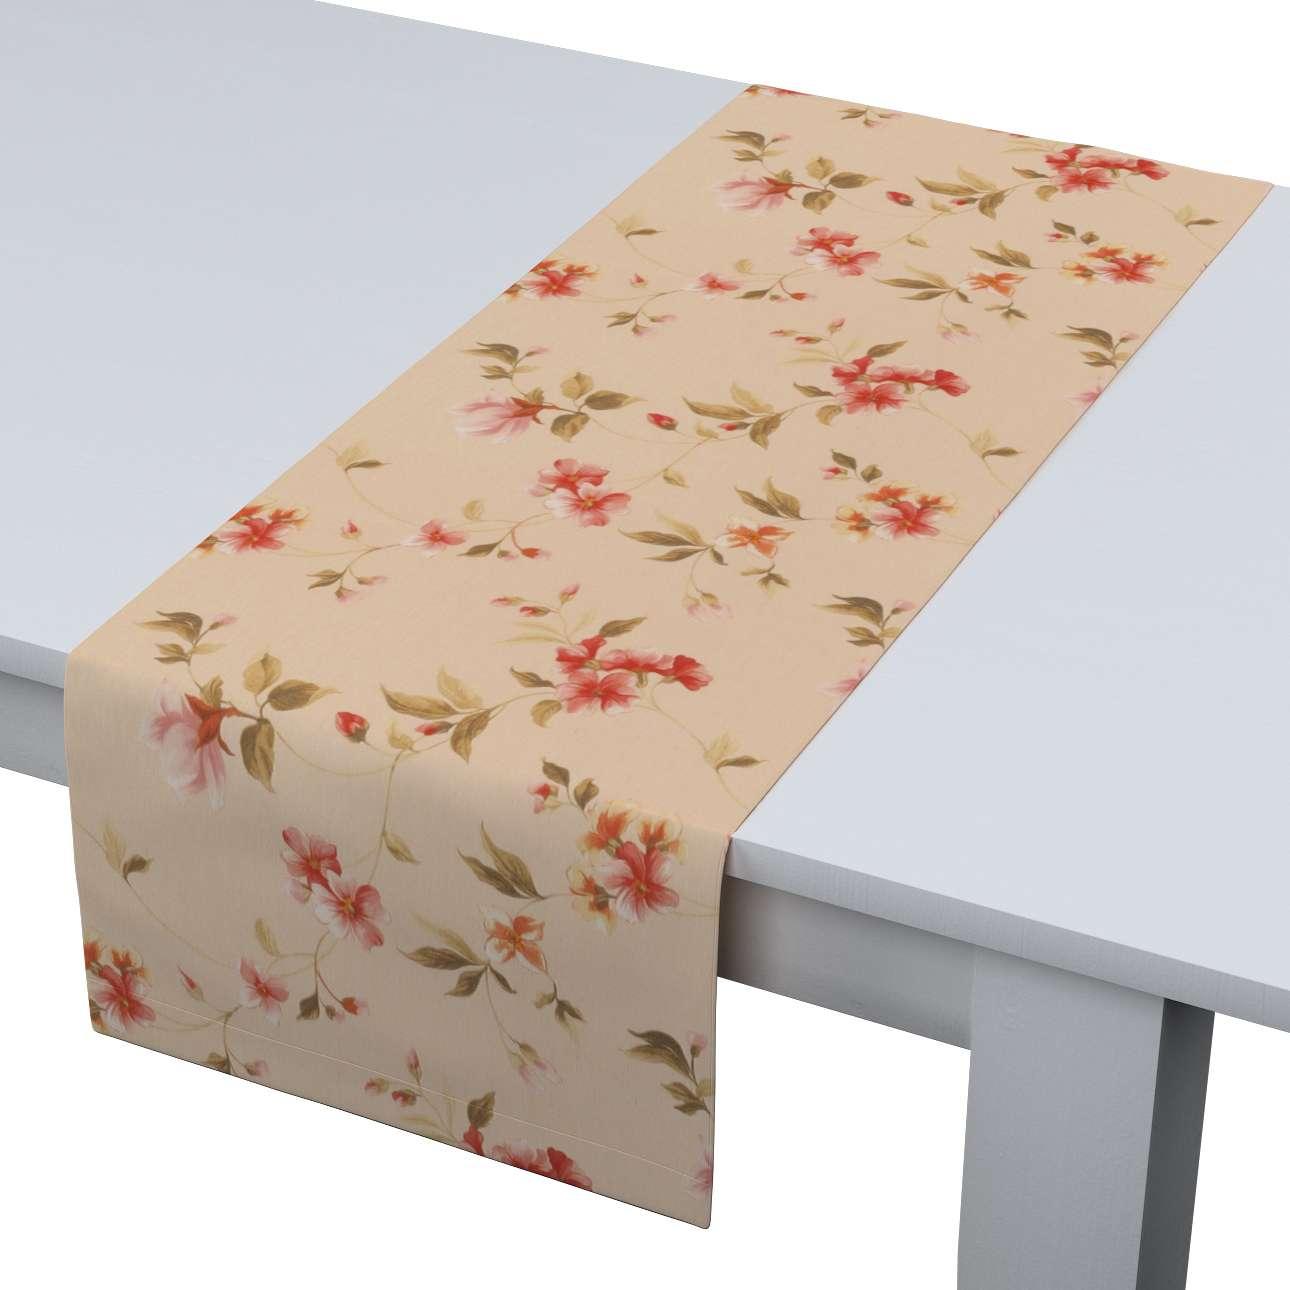 Rechteckiger Tischläufer 40 x 130 cm von der Kollektion Londres, Stoff: 124-05